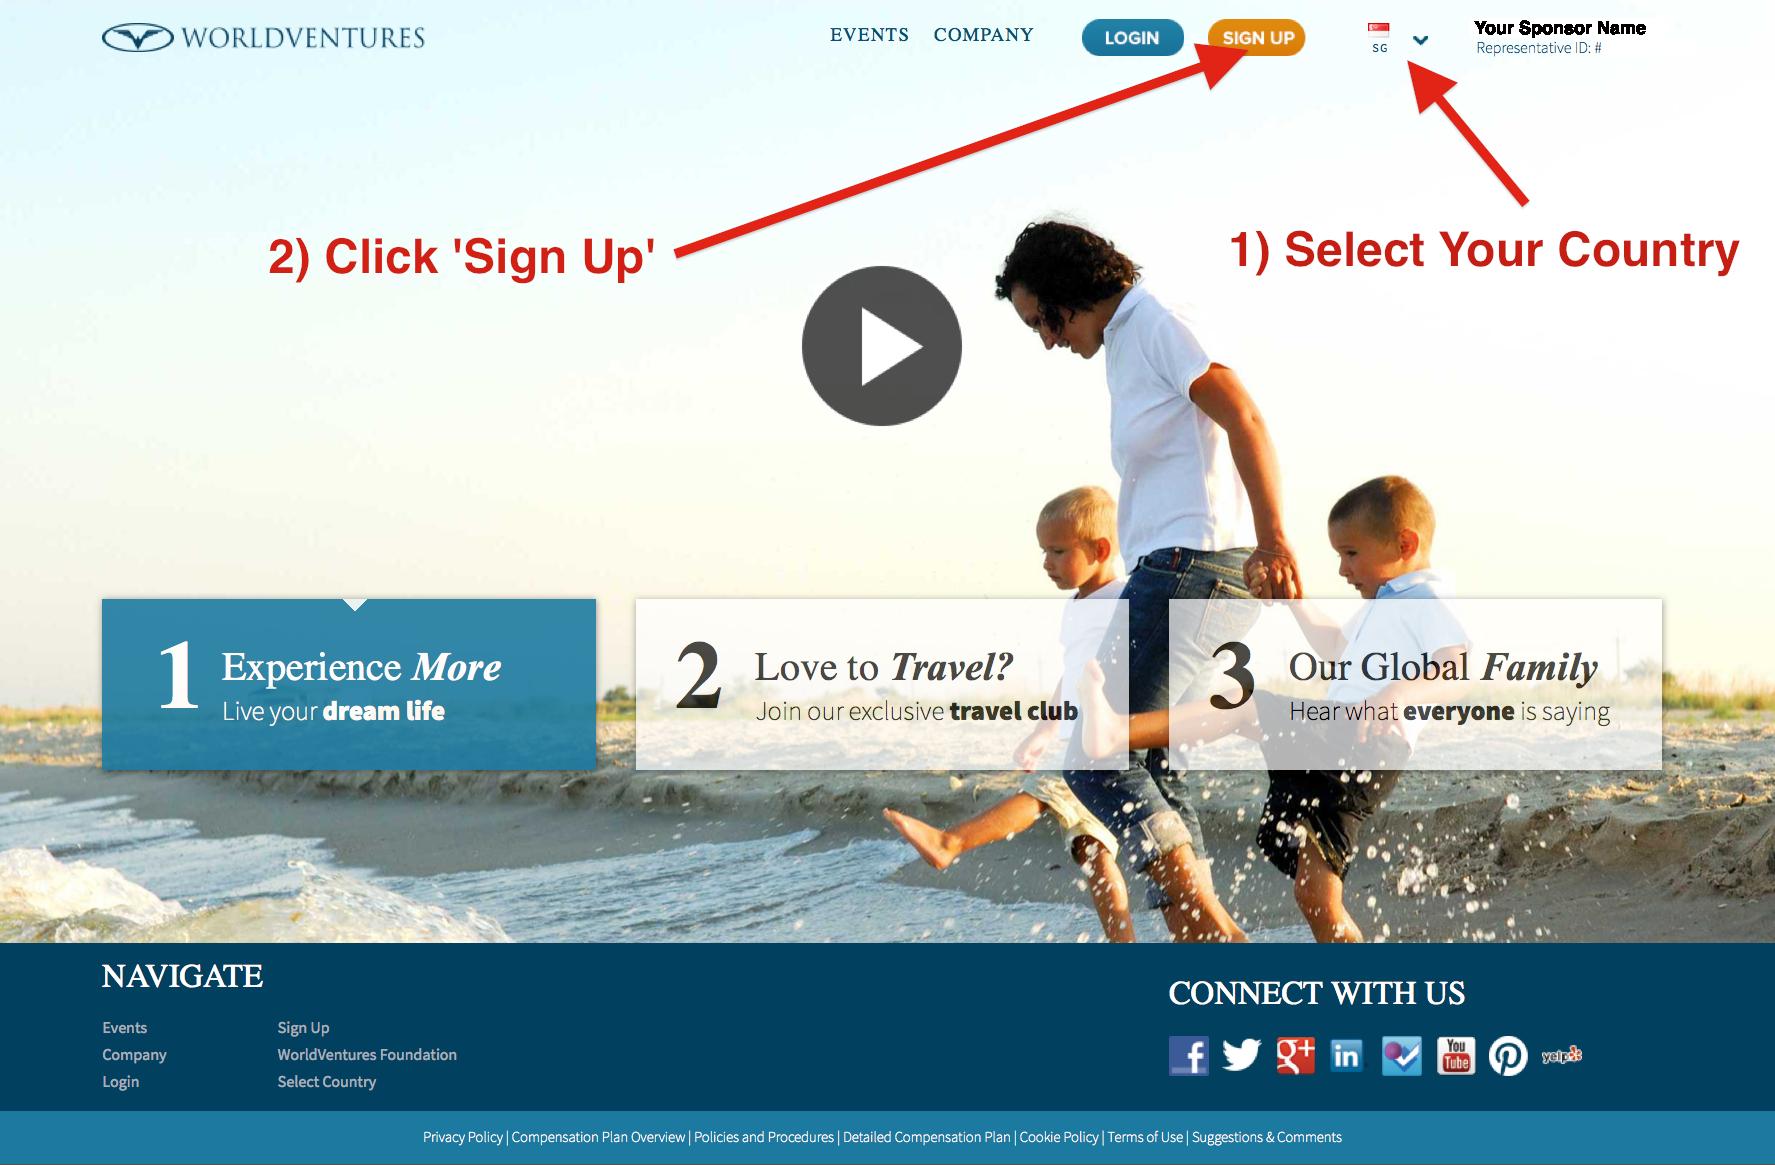 World Ventures - Sign Up Step 1